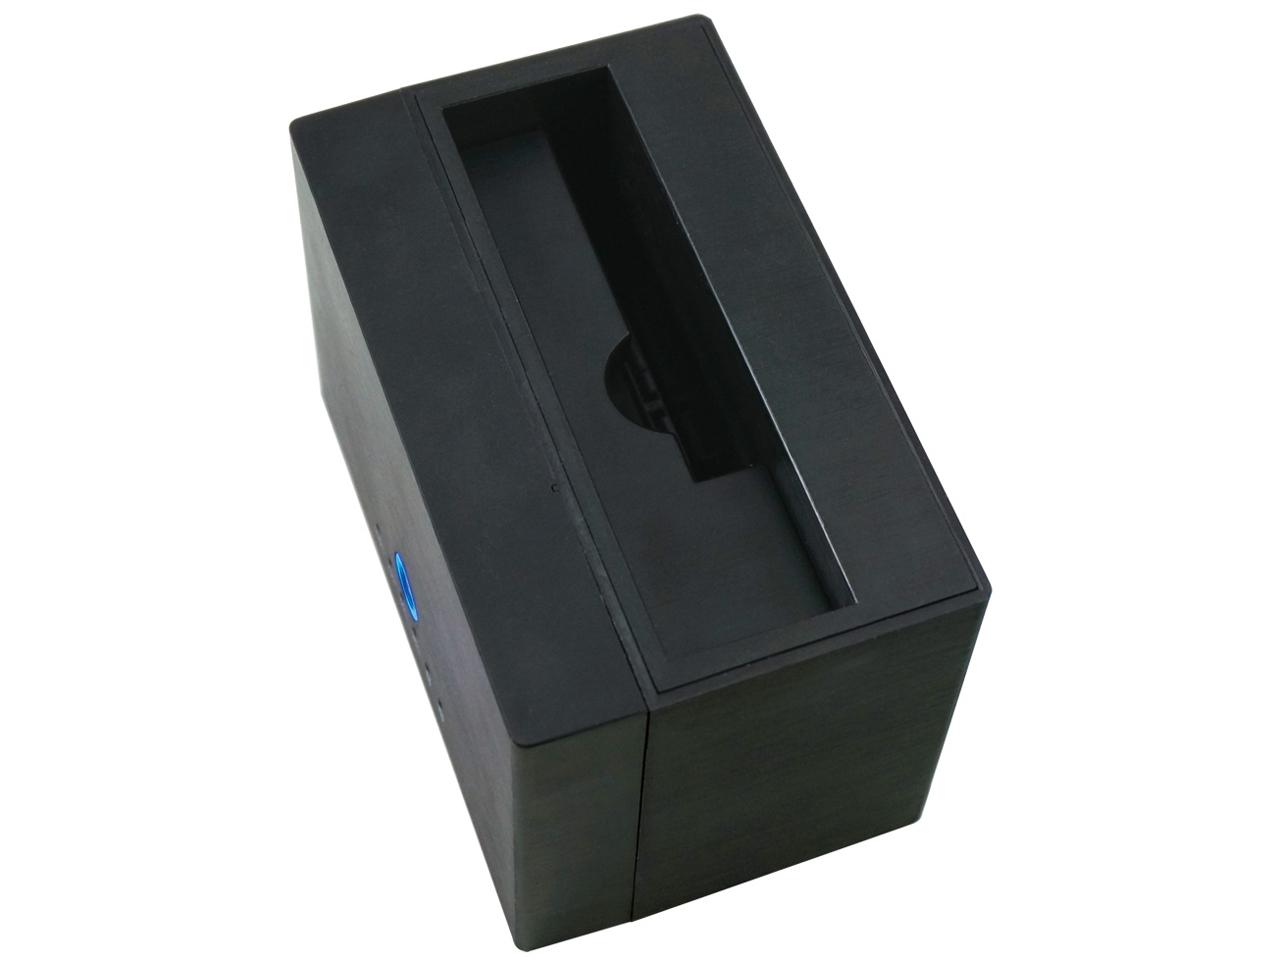 『本体1』 HDE-09 [ブラック] の製品画像